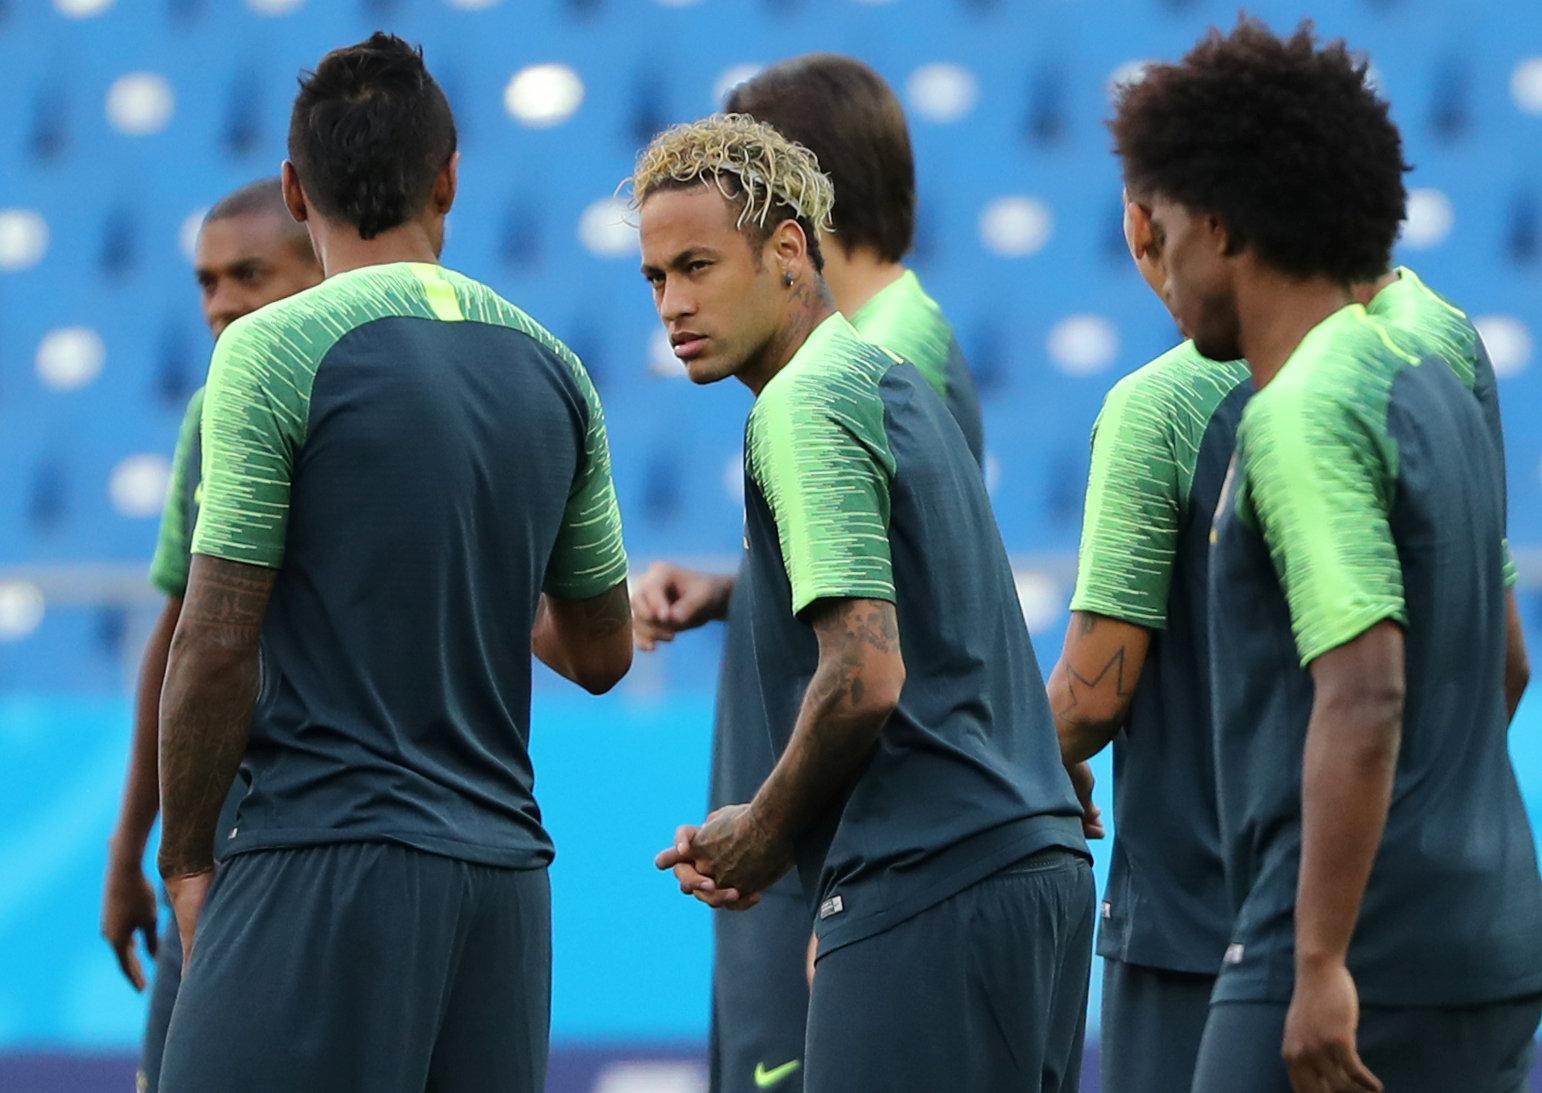 Coupe du monde 2018 neymar l heure de v rit russie 2018 coupe du monde football - Coupe du monde 2018 football ...